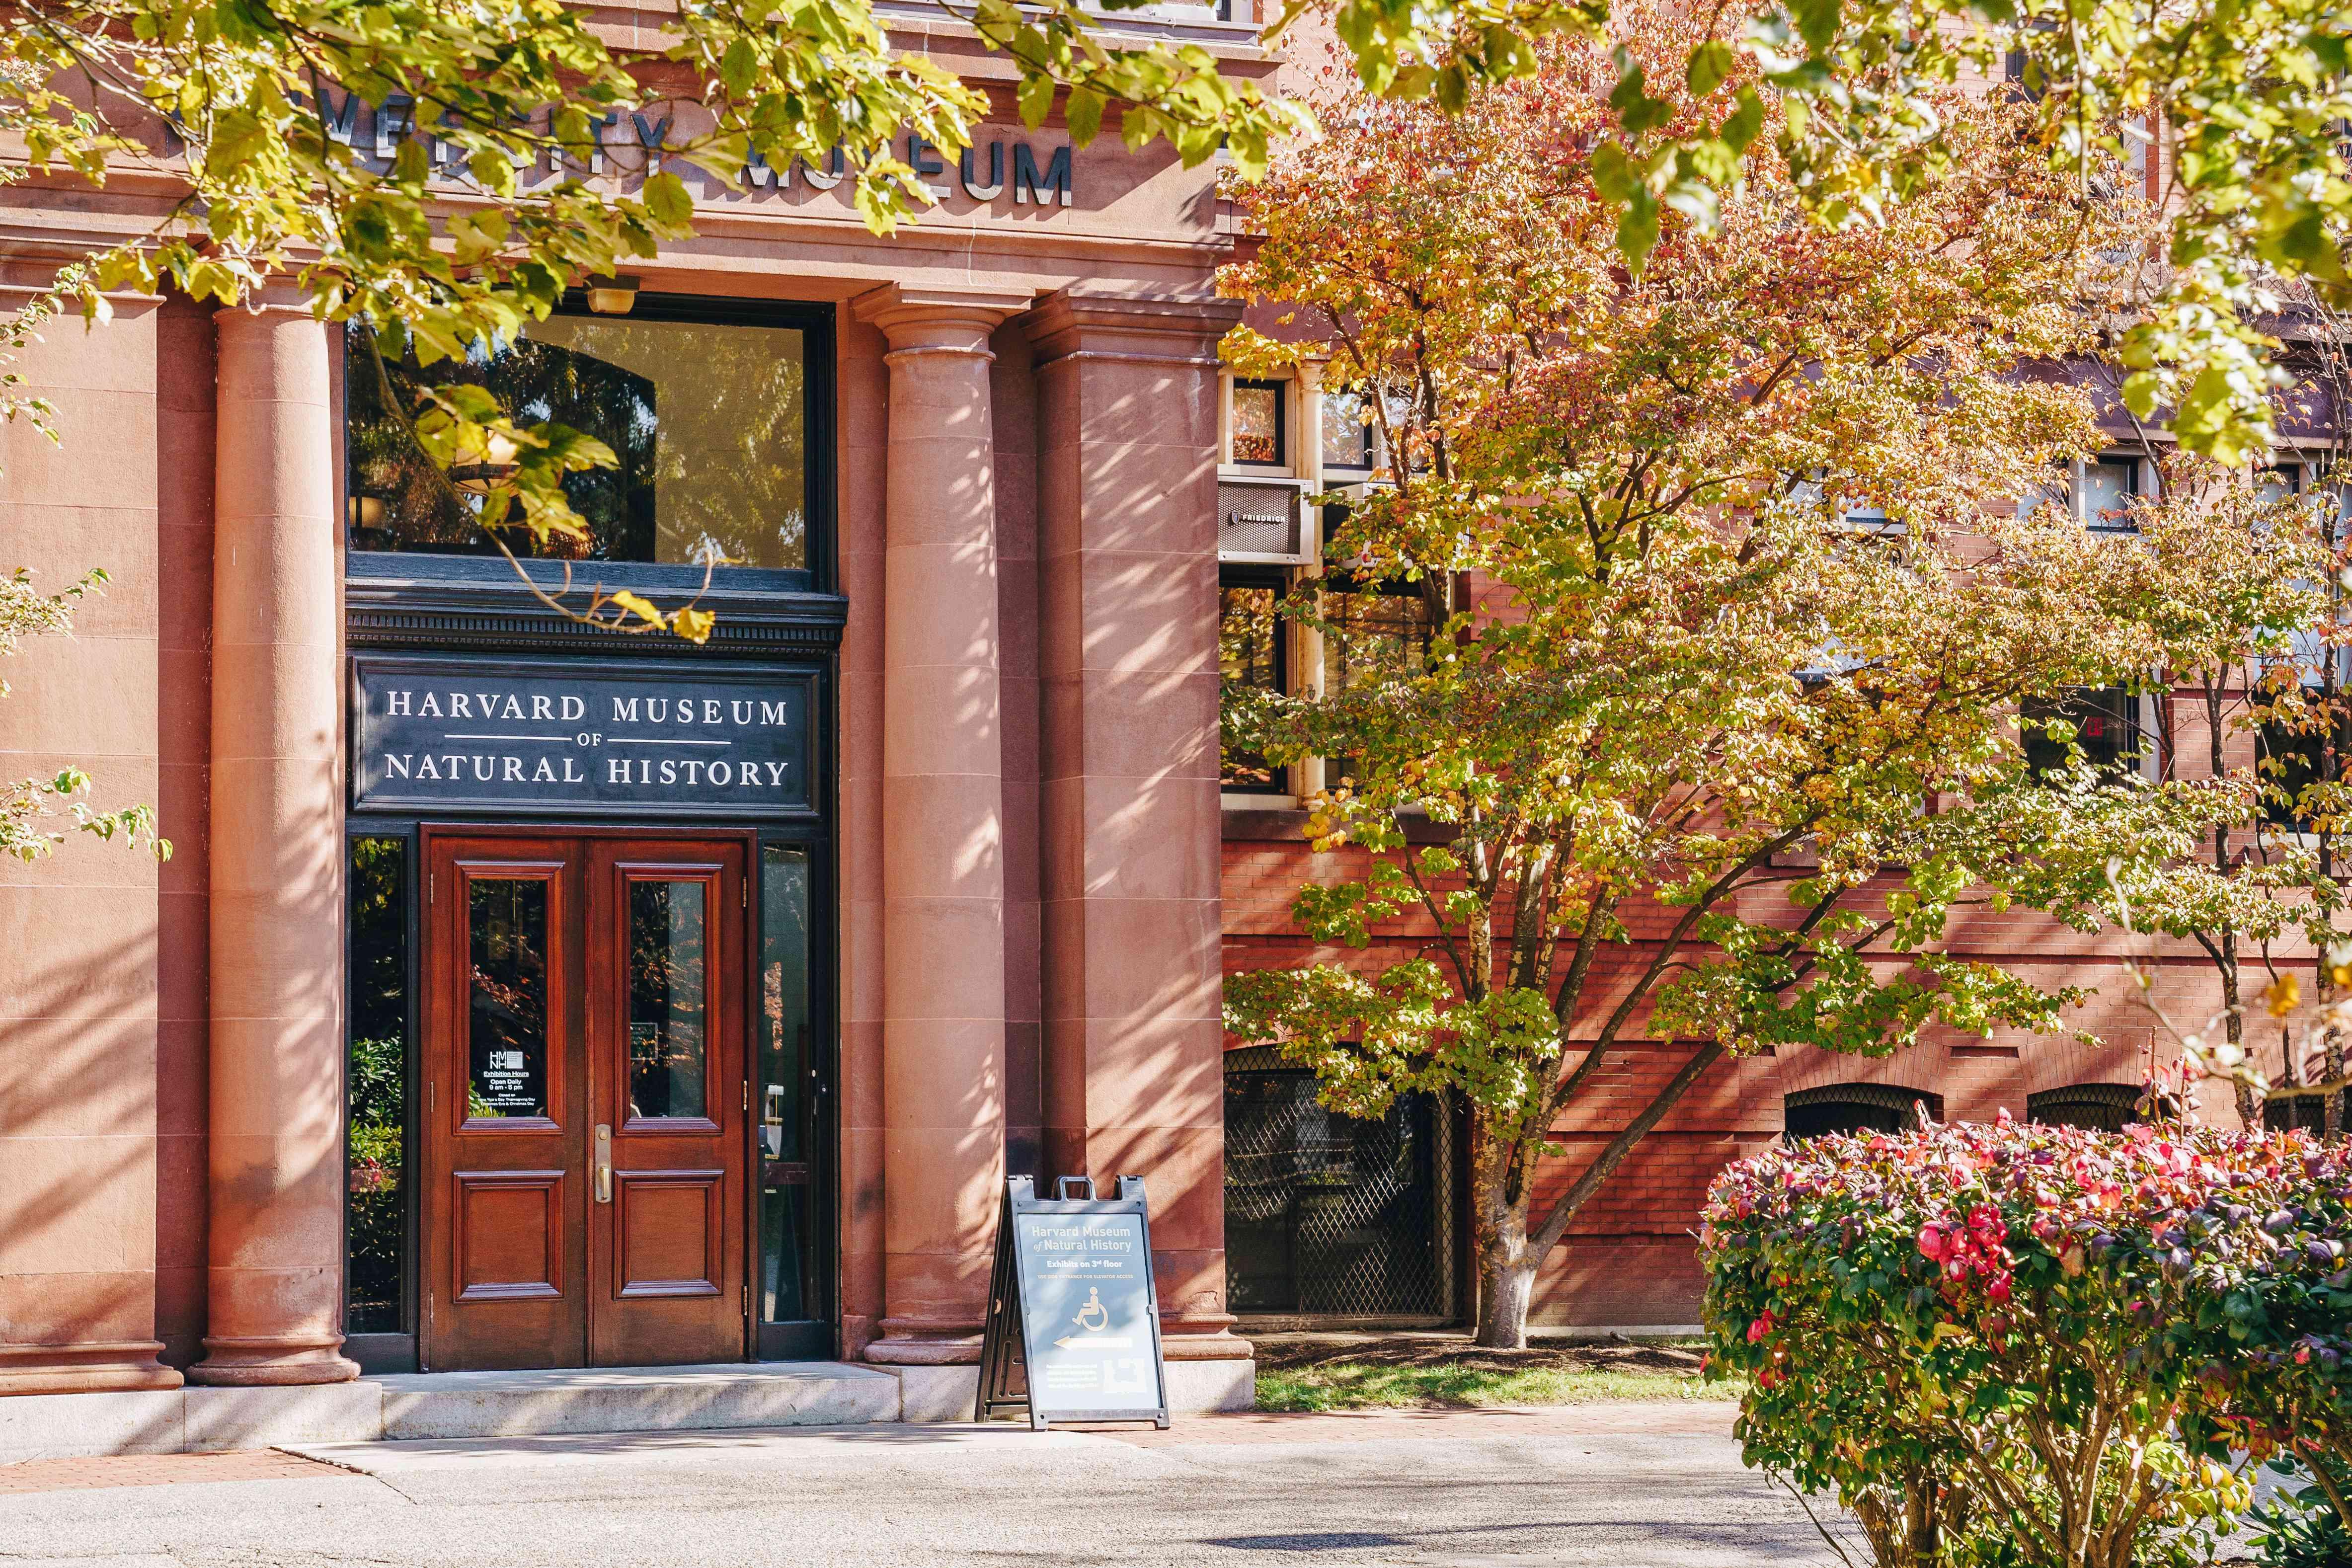 Harvard Museum of Natural History in Boston